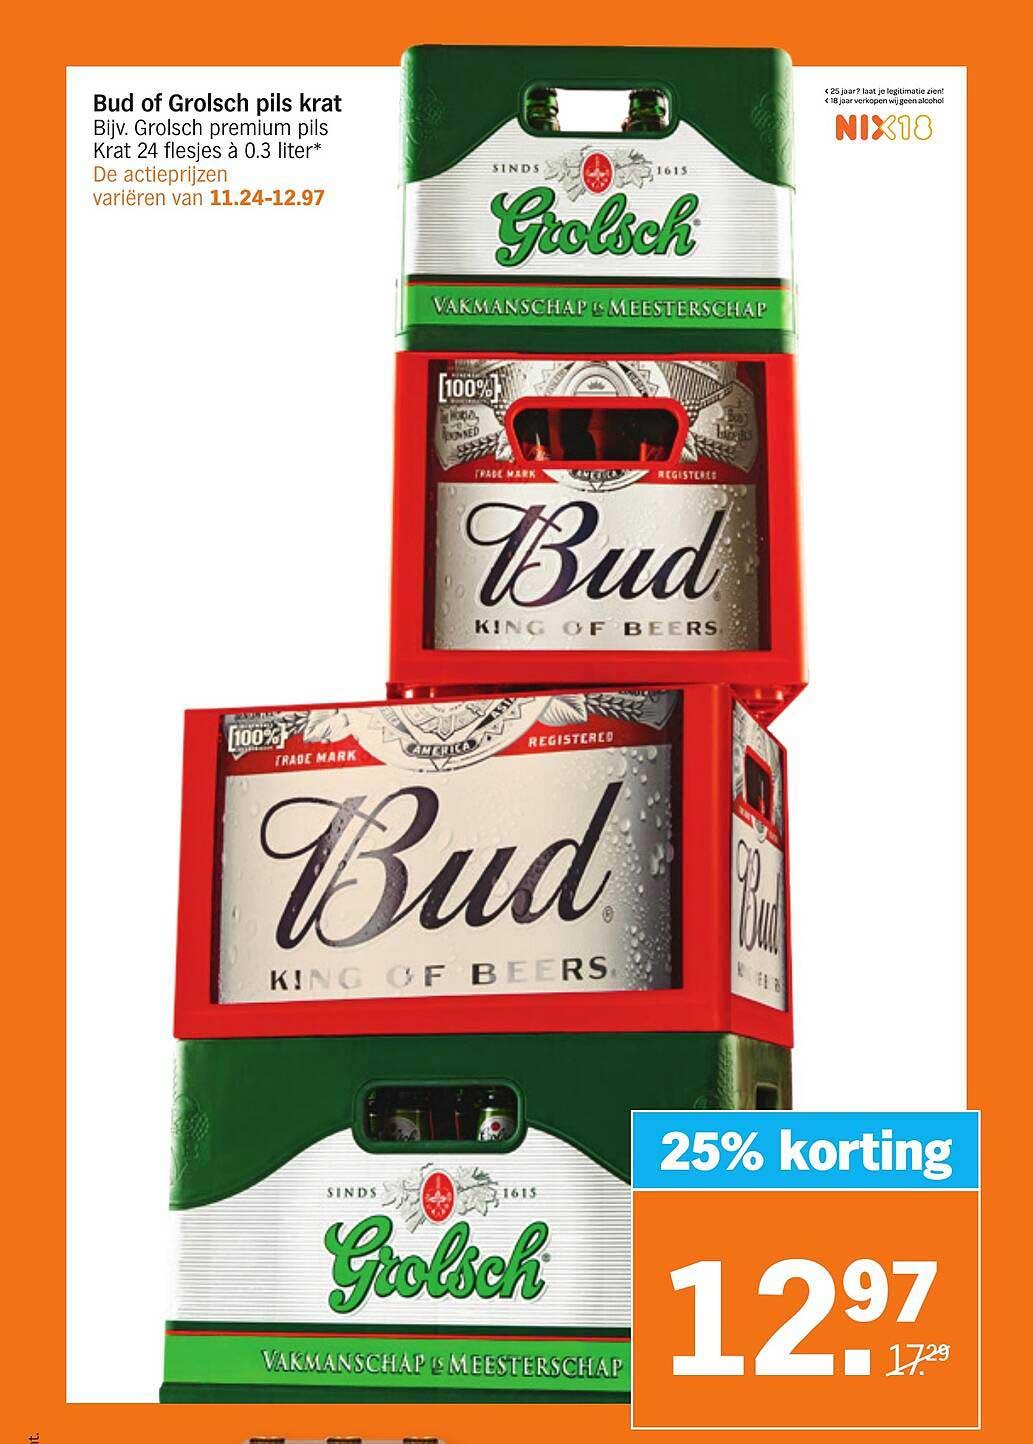 Albert Heijn Bud Of Grolsch Pils Krat 25% Korting